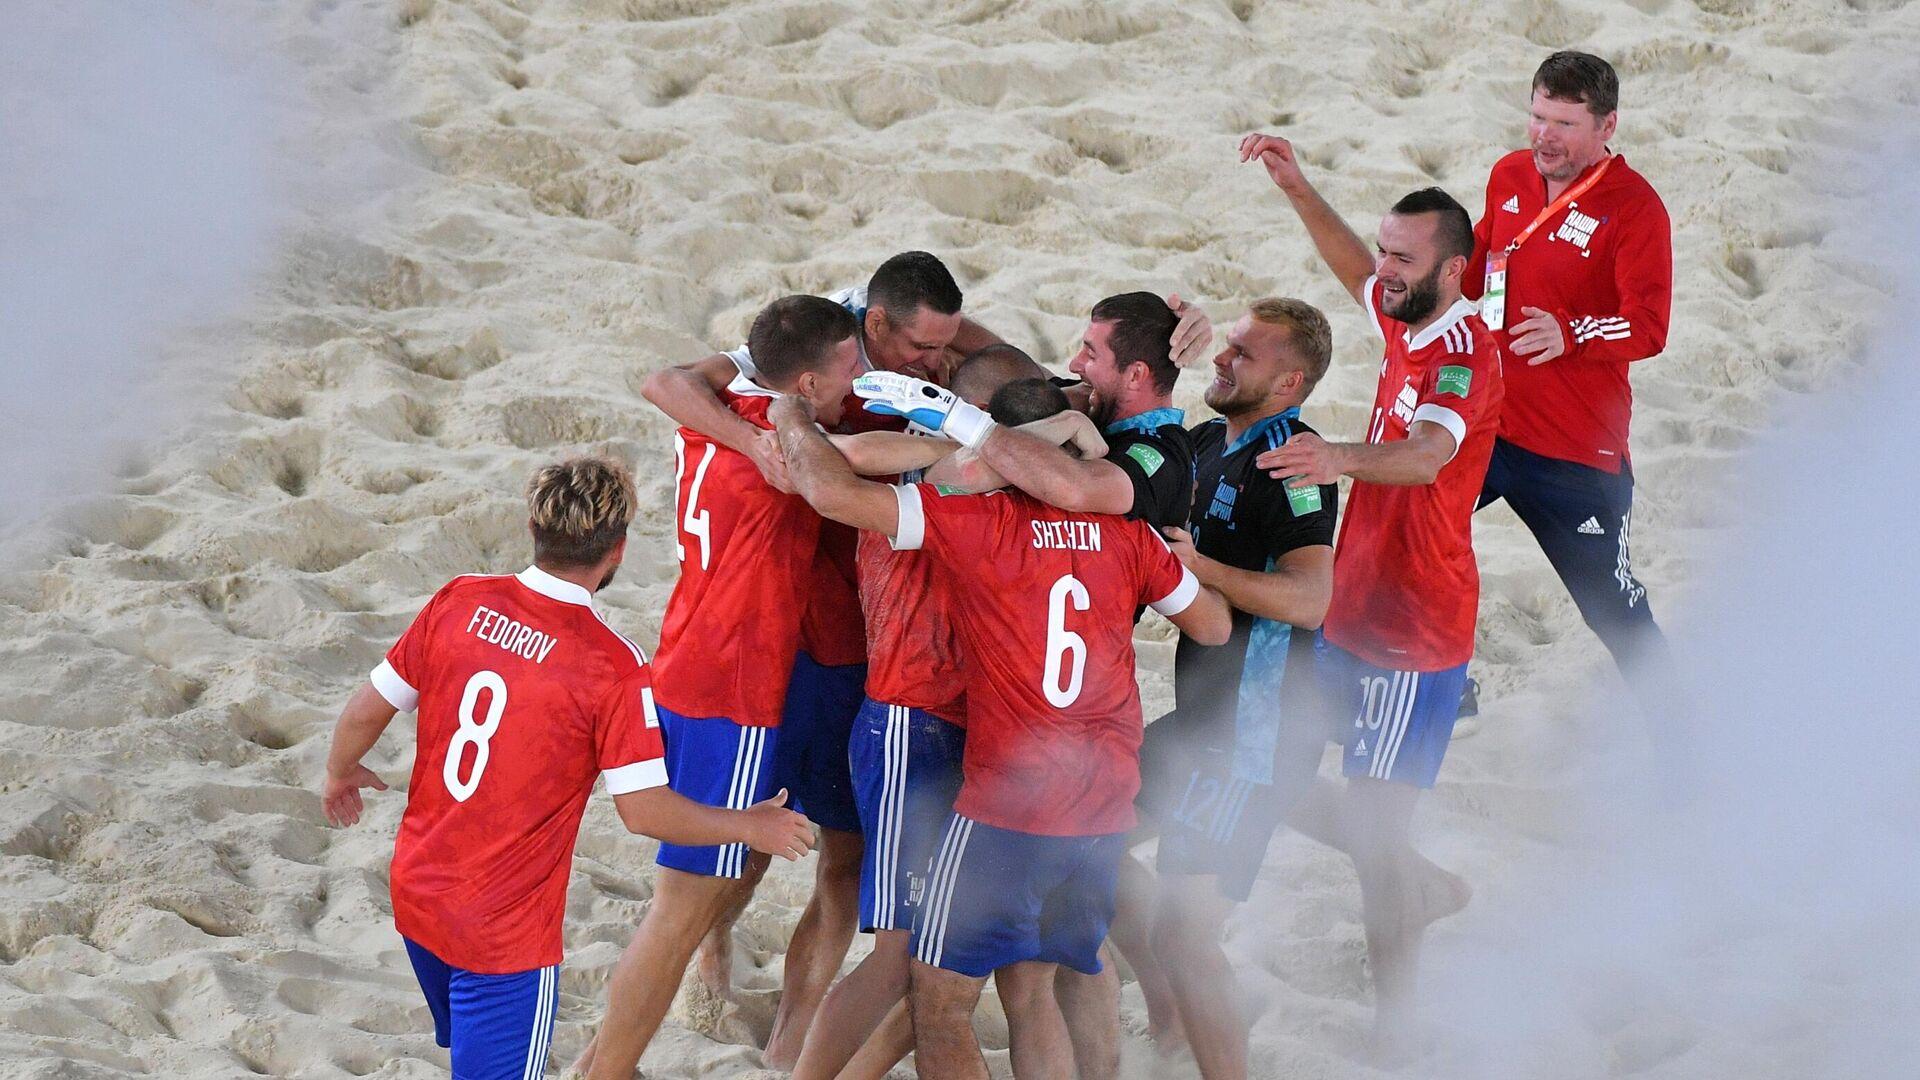 Rusia celebra su victoria en el Mundial de fútbol playa 2021 - Sputnik Mundo, 1920, 29.08.2021